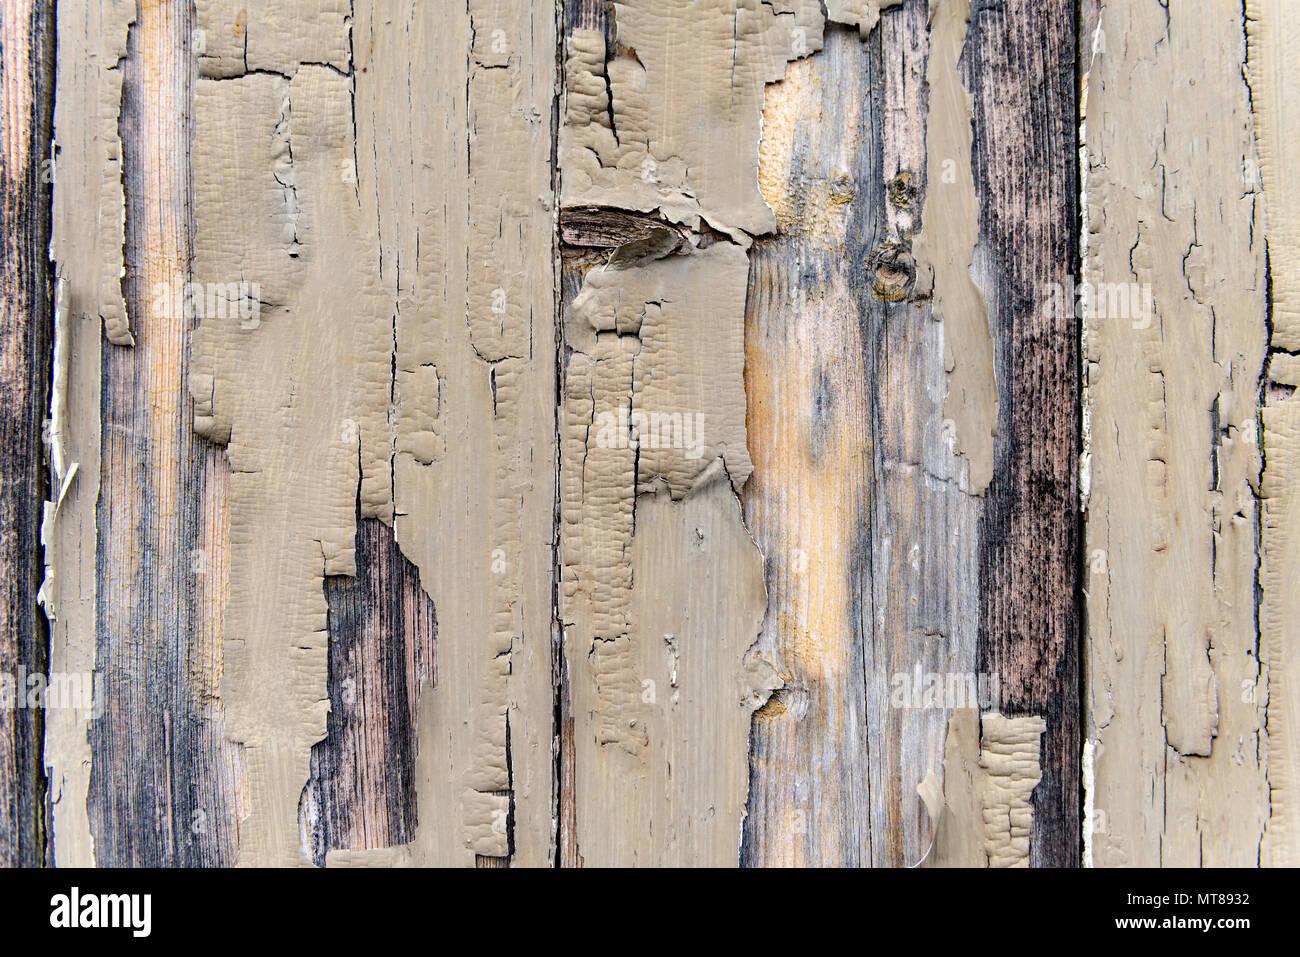 La pelatura di vernice sul legno invecchiato Immagini Stock